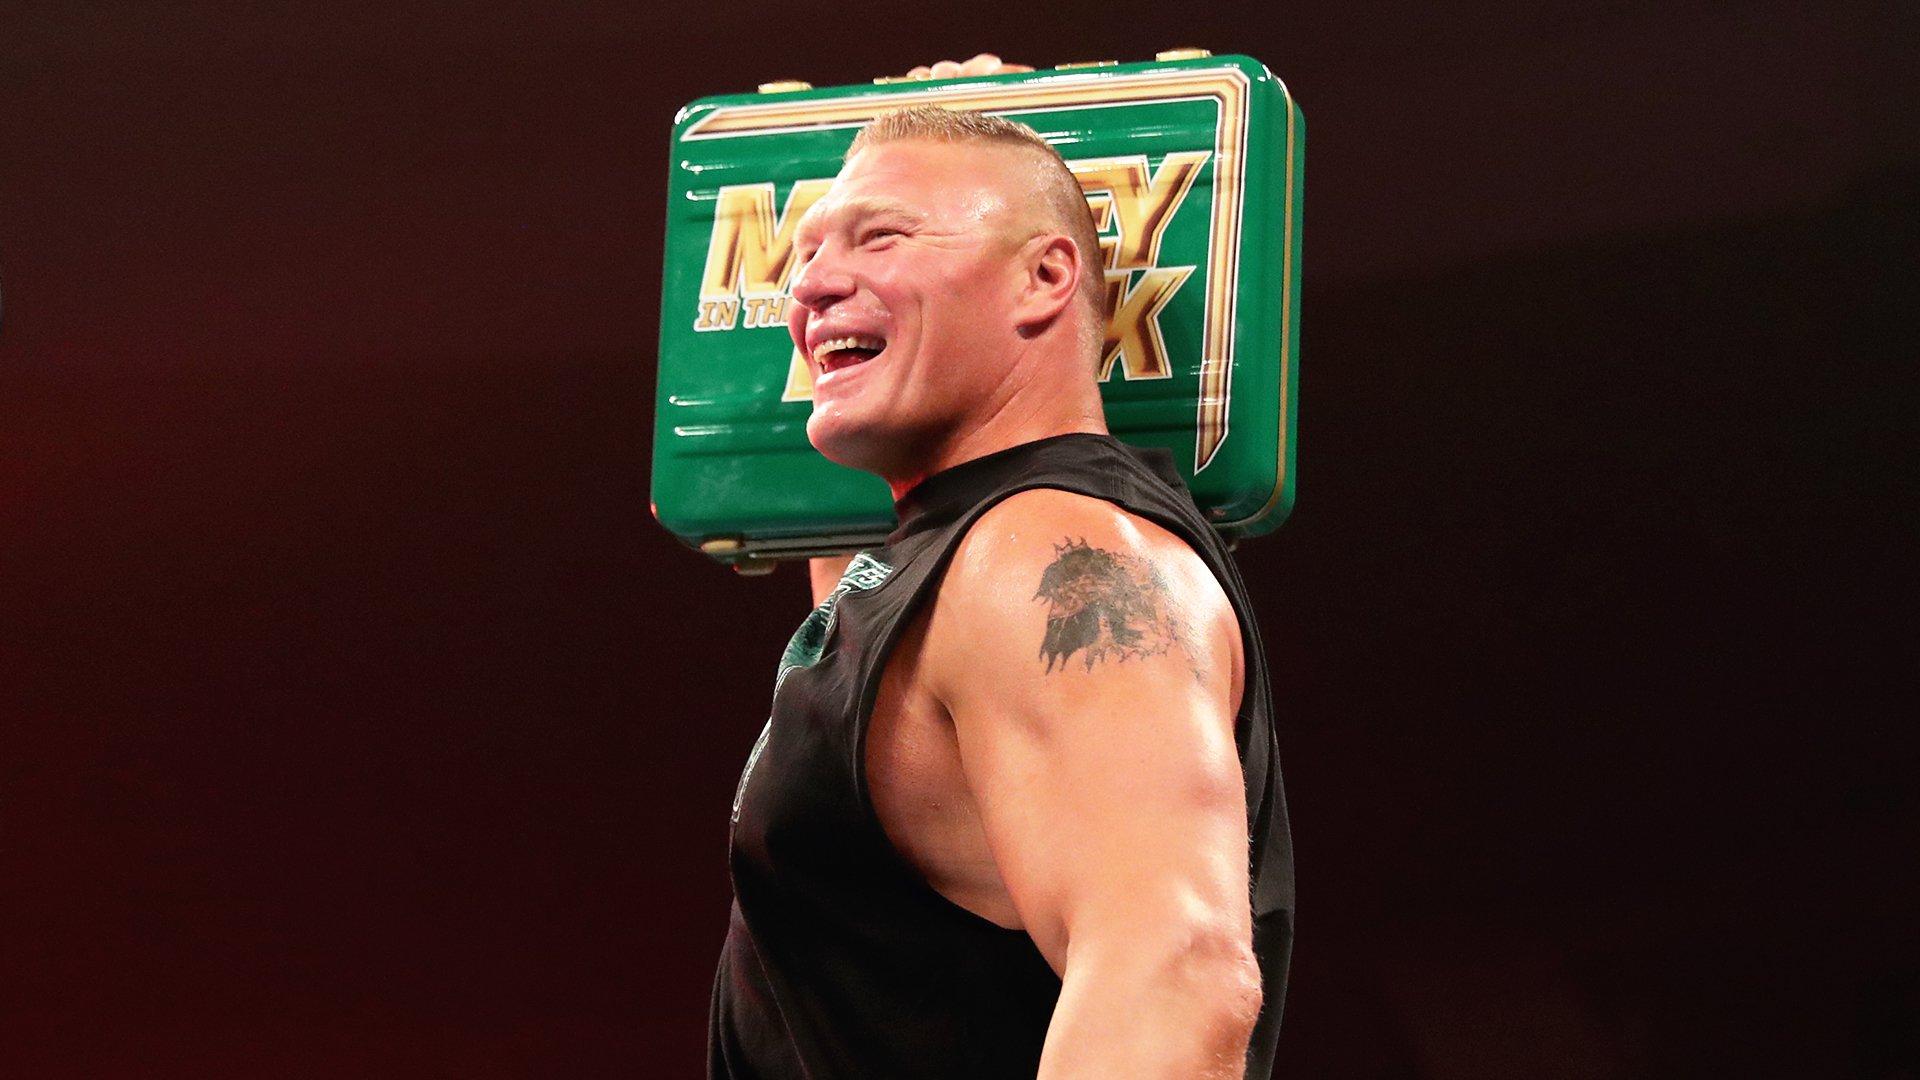 Les Meilleurs Moments de Raw: 20 Mai 2019